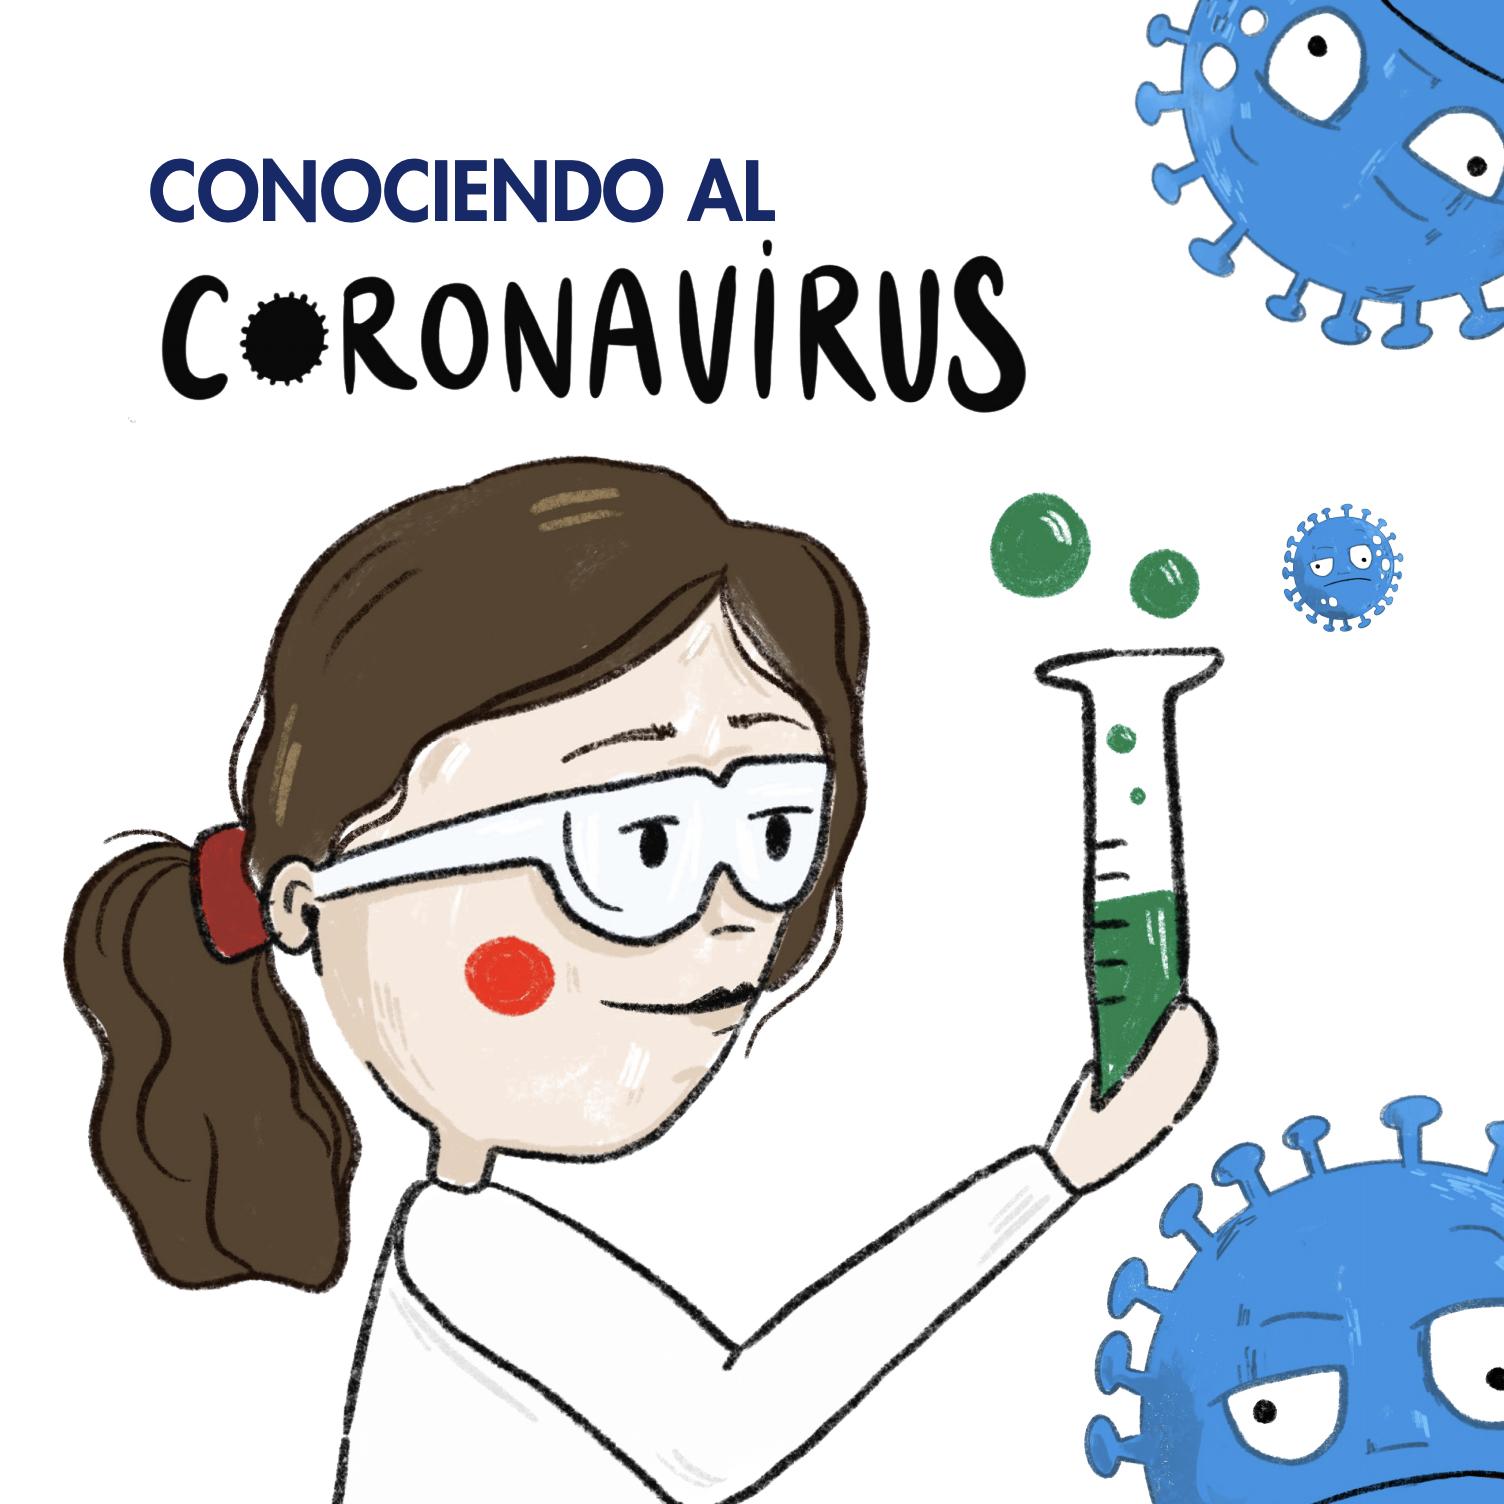 Conociendo al Coronavirus